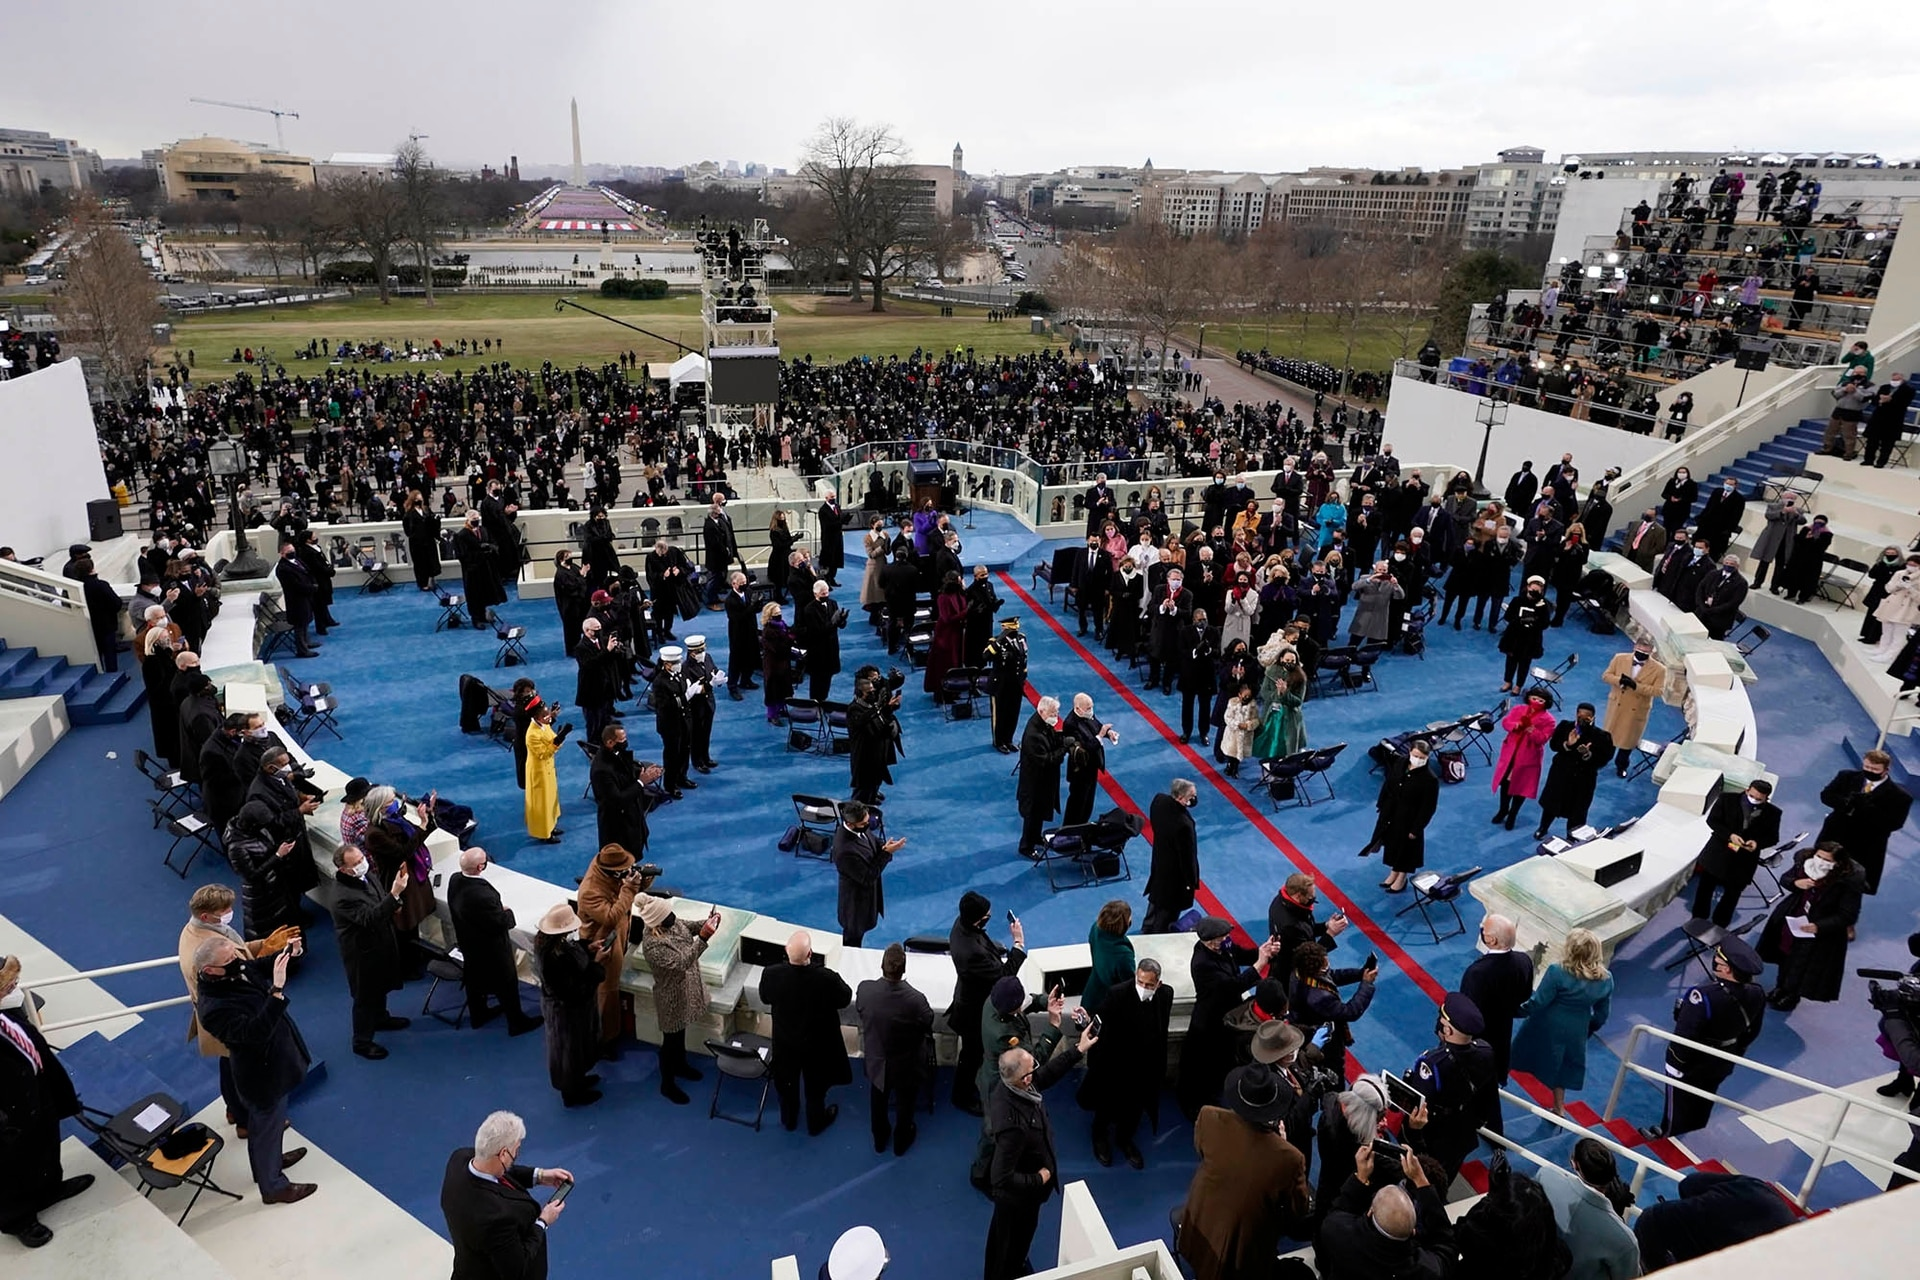 El presidente electo Joe Biden sale al pórtico para jurar como presidente número 46 de los Estados Unidos durante la 59.a inauguración presidencial en el Capitolio de los Estados Unidos en Washington